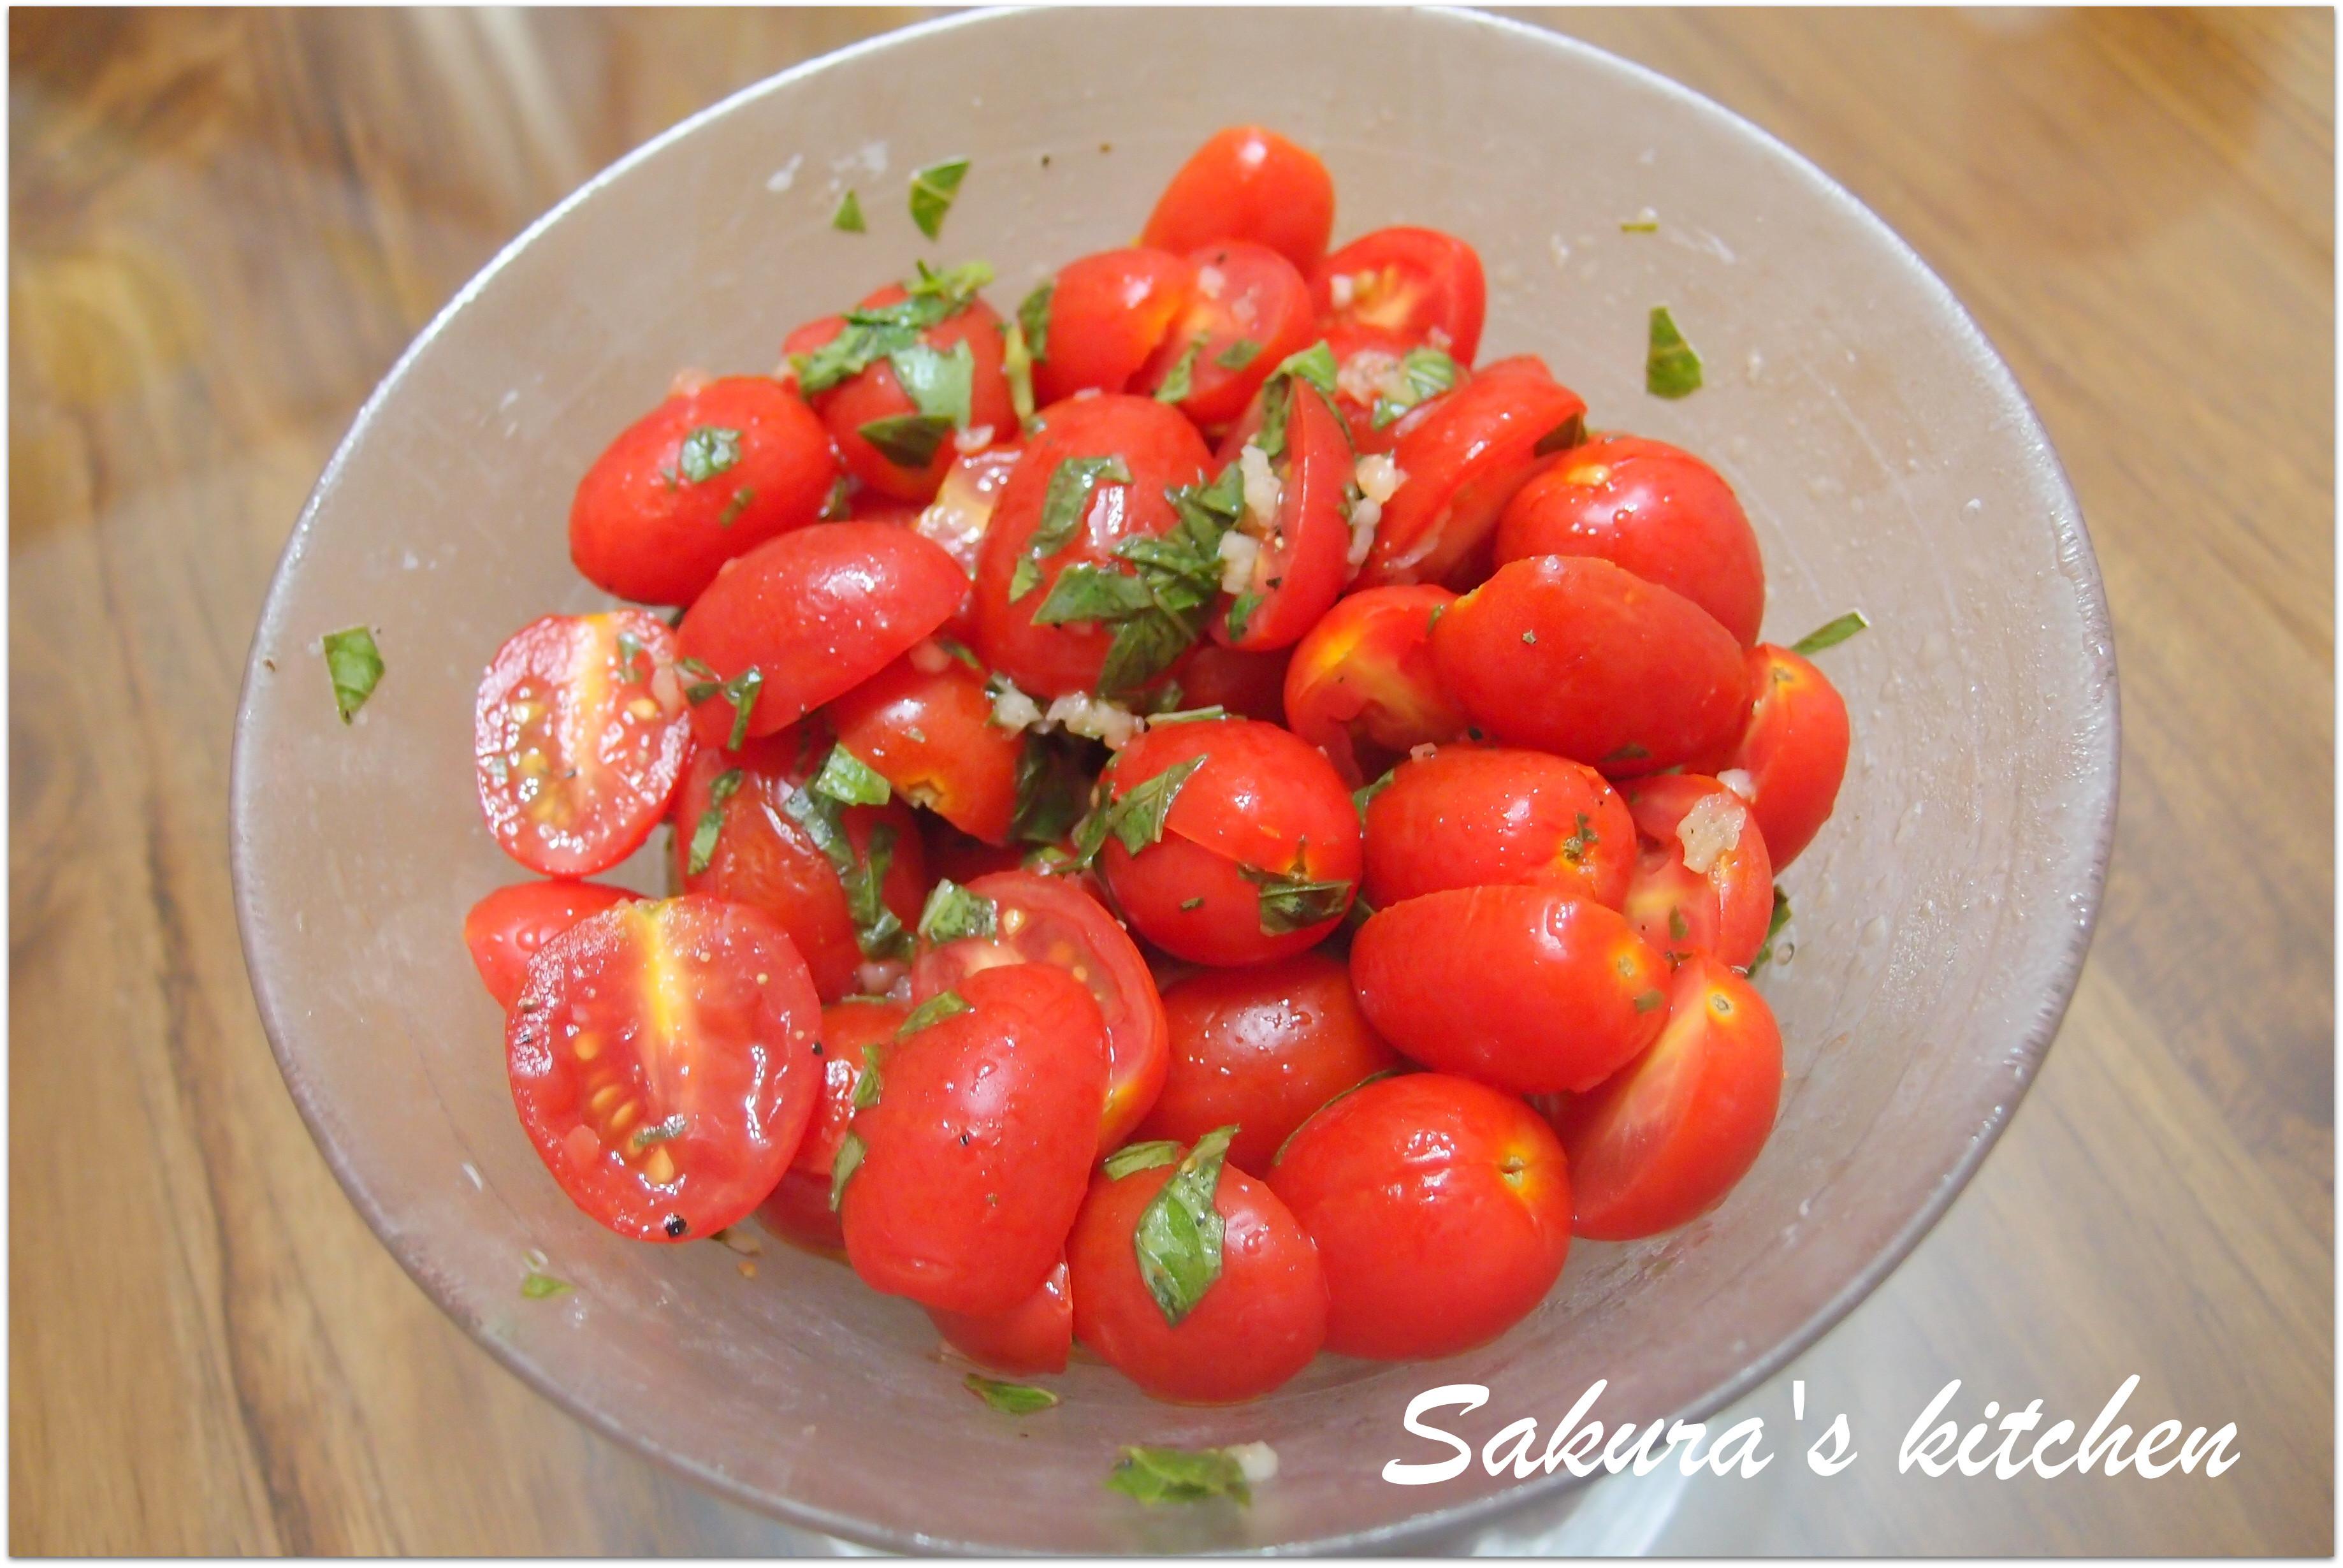 ♥我的手作料理♥ 油醋聖女小蕃茄